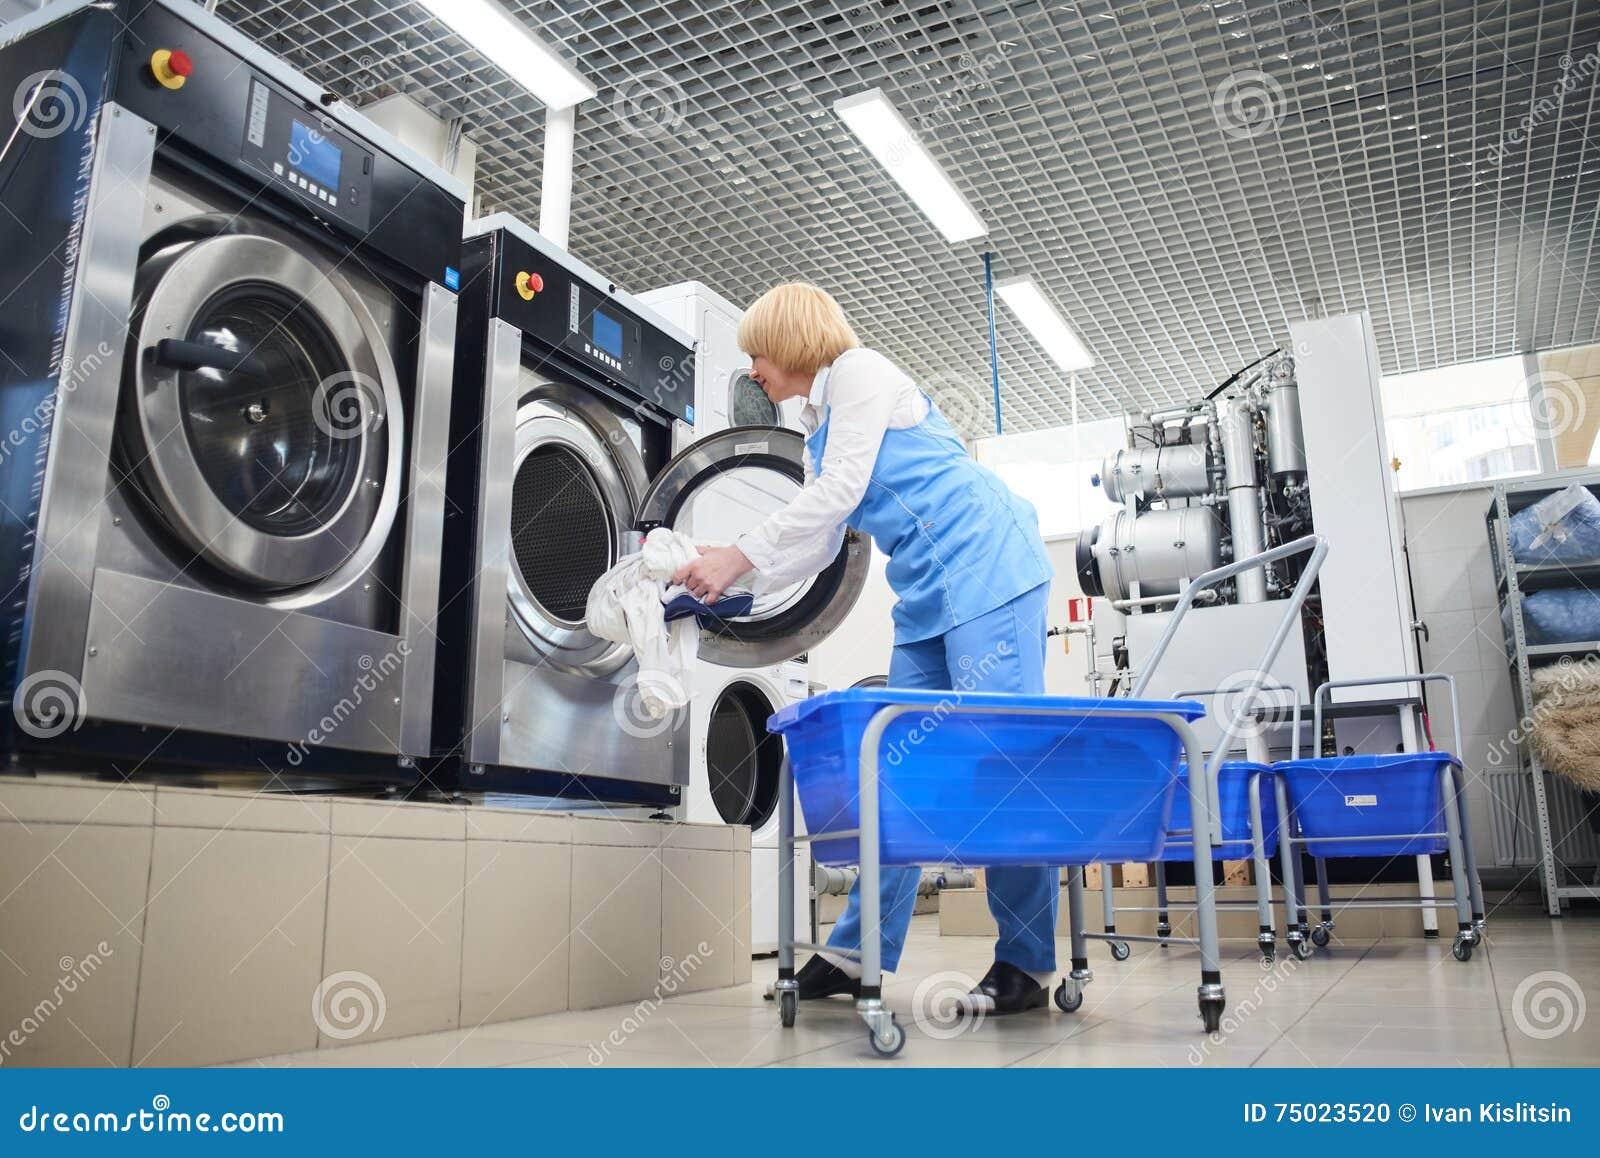 O trabalhador carrega a roupa da lavanderia na máquina de lavar